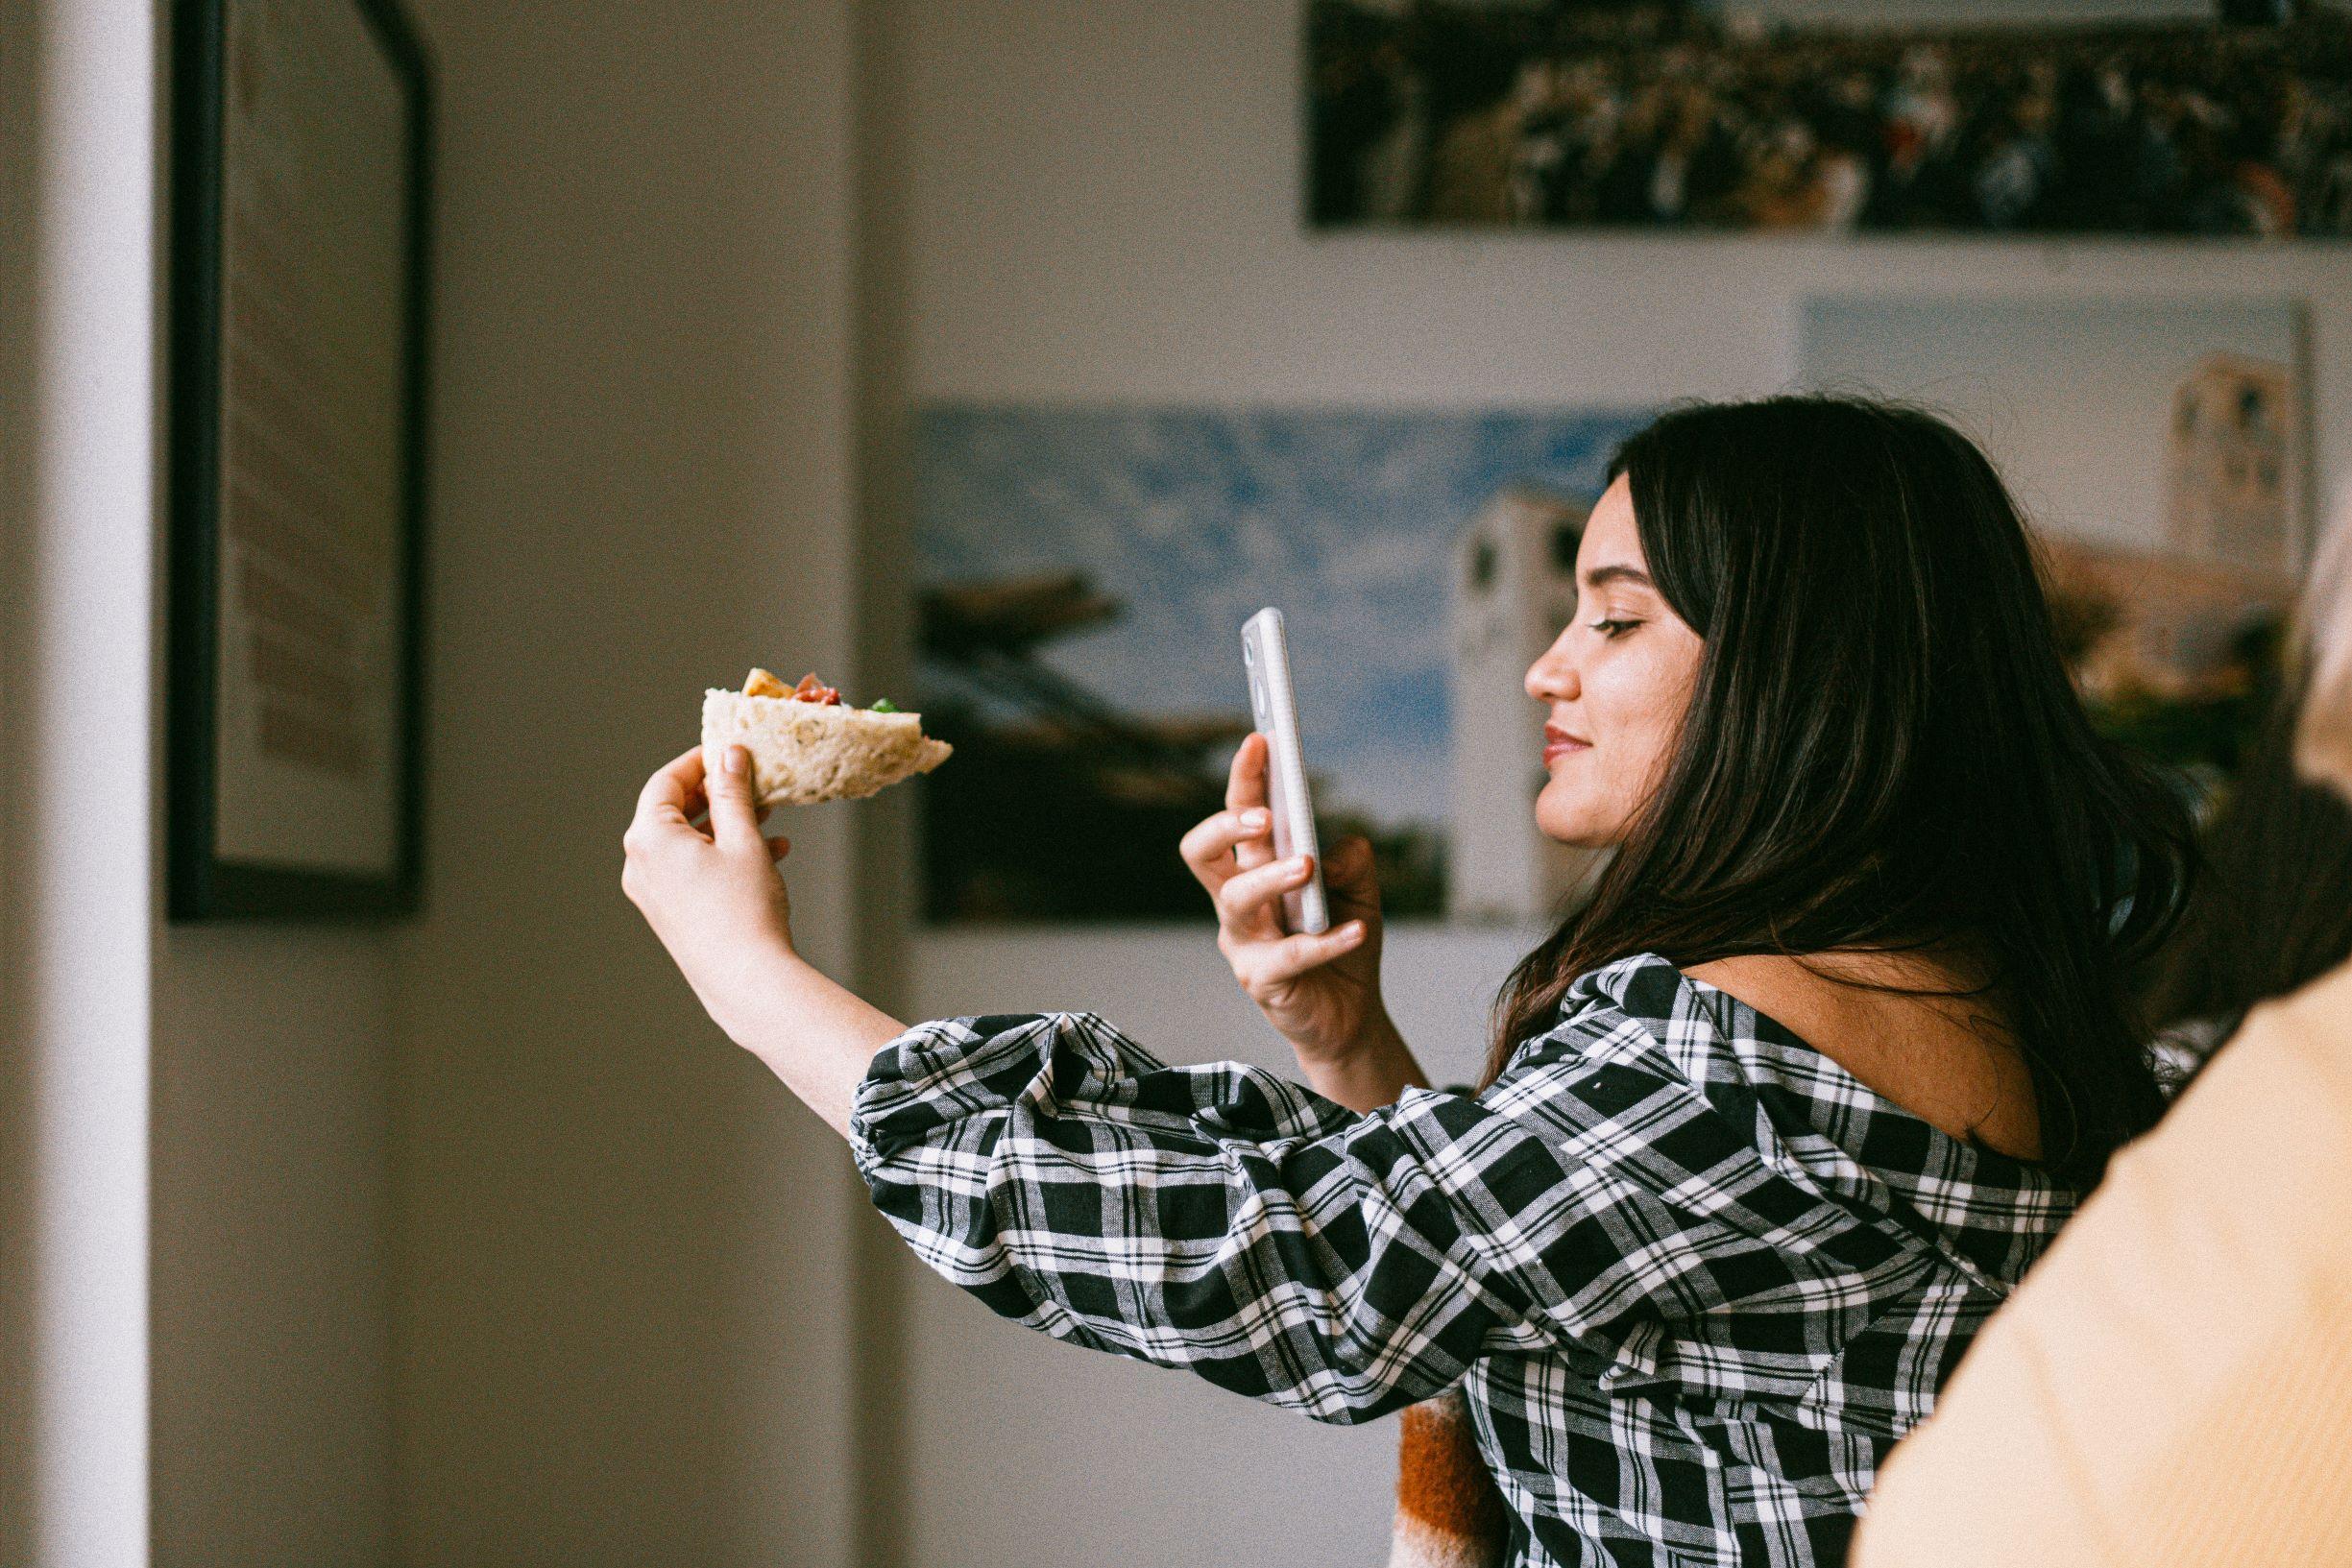 Kobieta robiąca zdjęcie pizzy